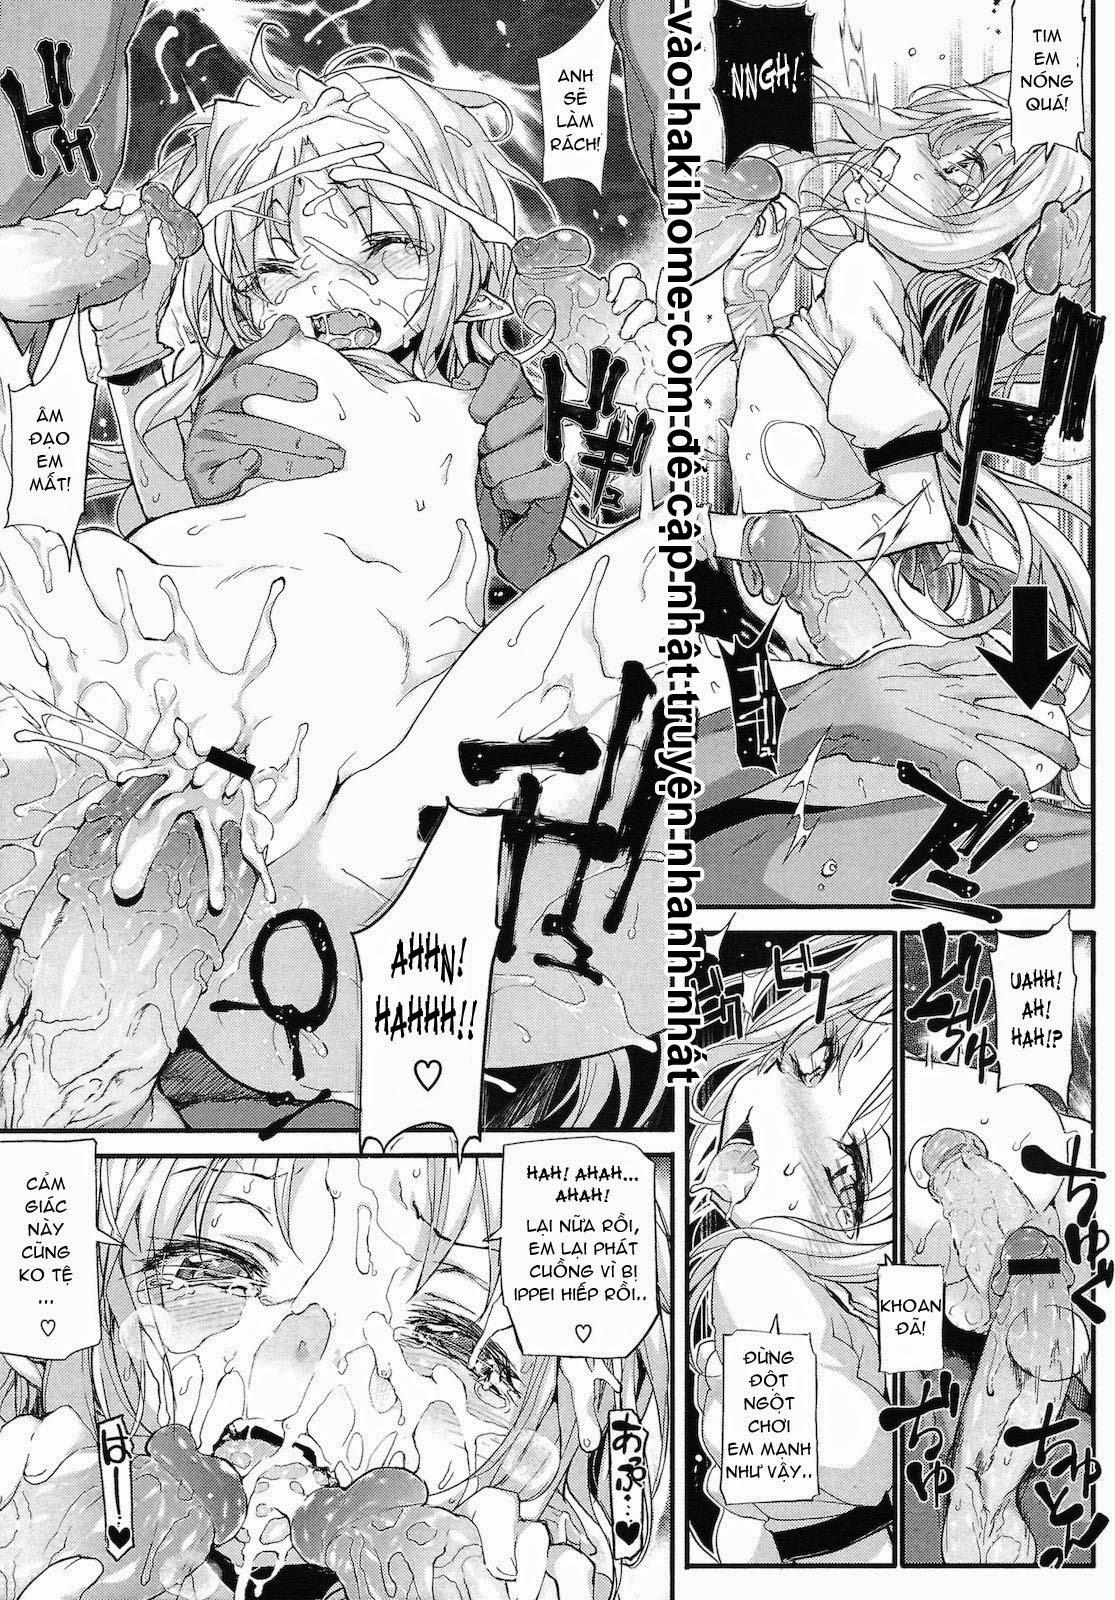 Hình ảnh hakihome_hentai_manga_undead%2Bprince_015 trong bài viết Nữ hoàng loli